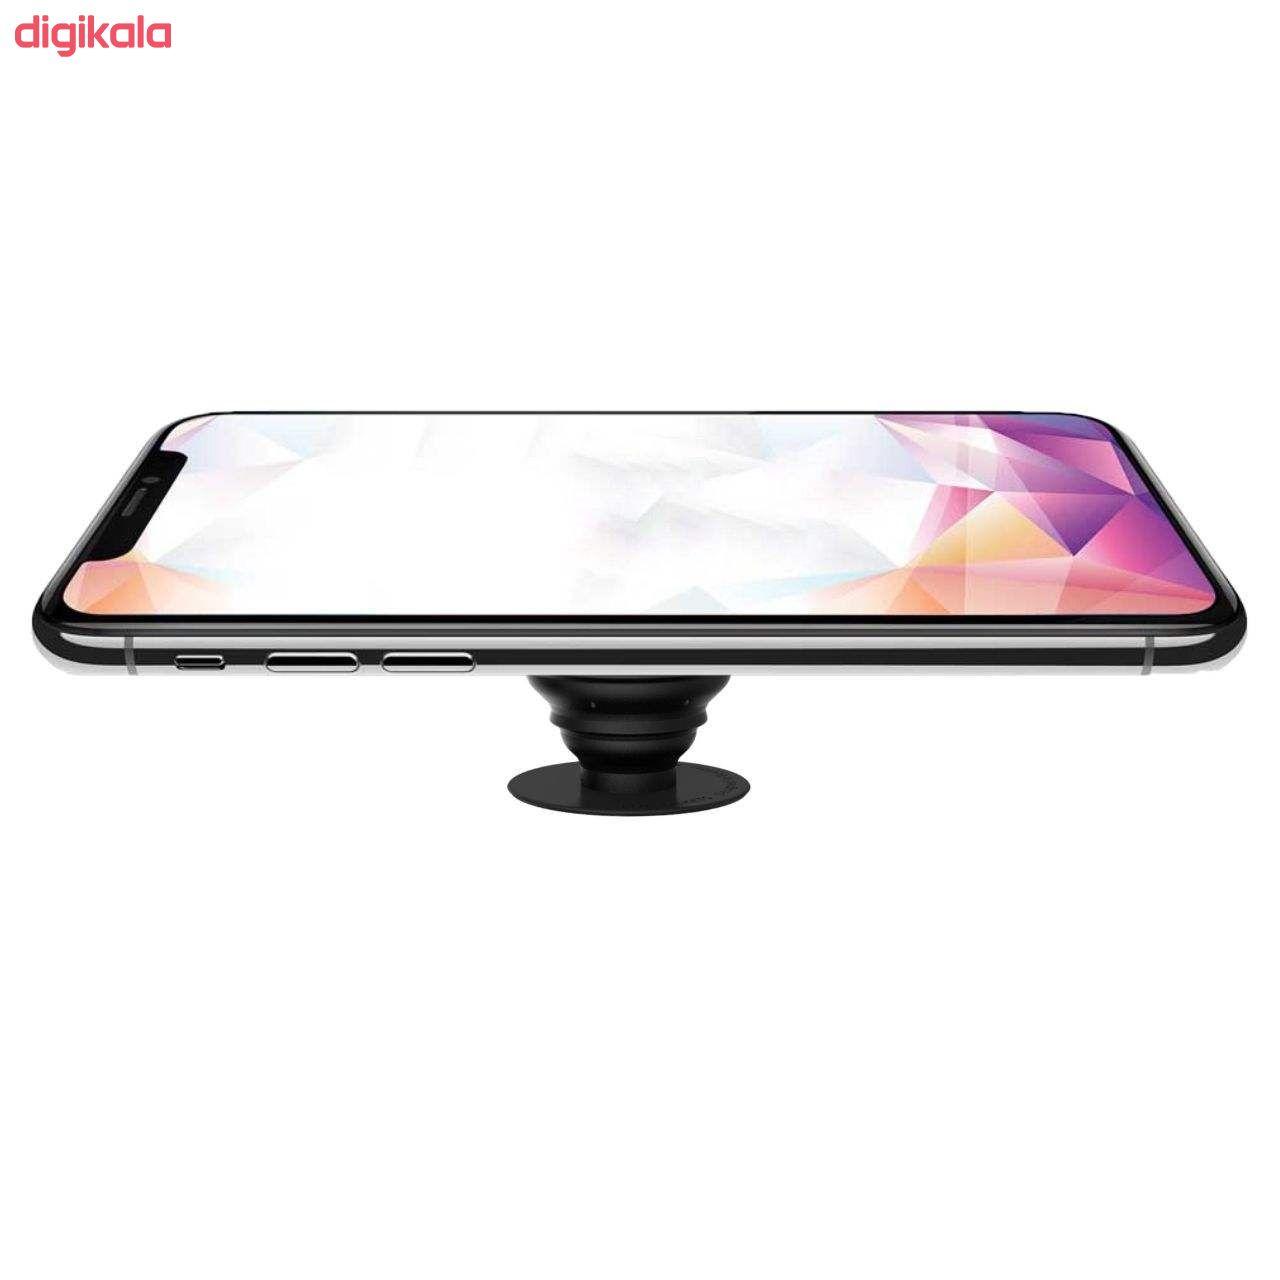 پایه نگهدارنده گوشی موبایل پاپ سوکت مدل Panda main 1 3